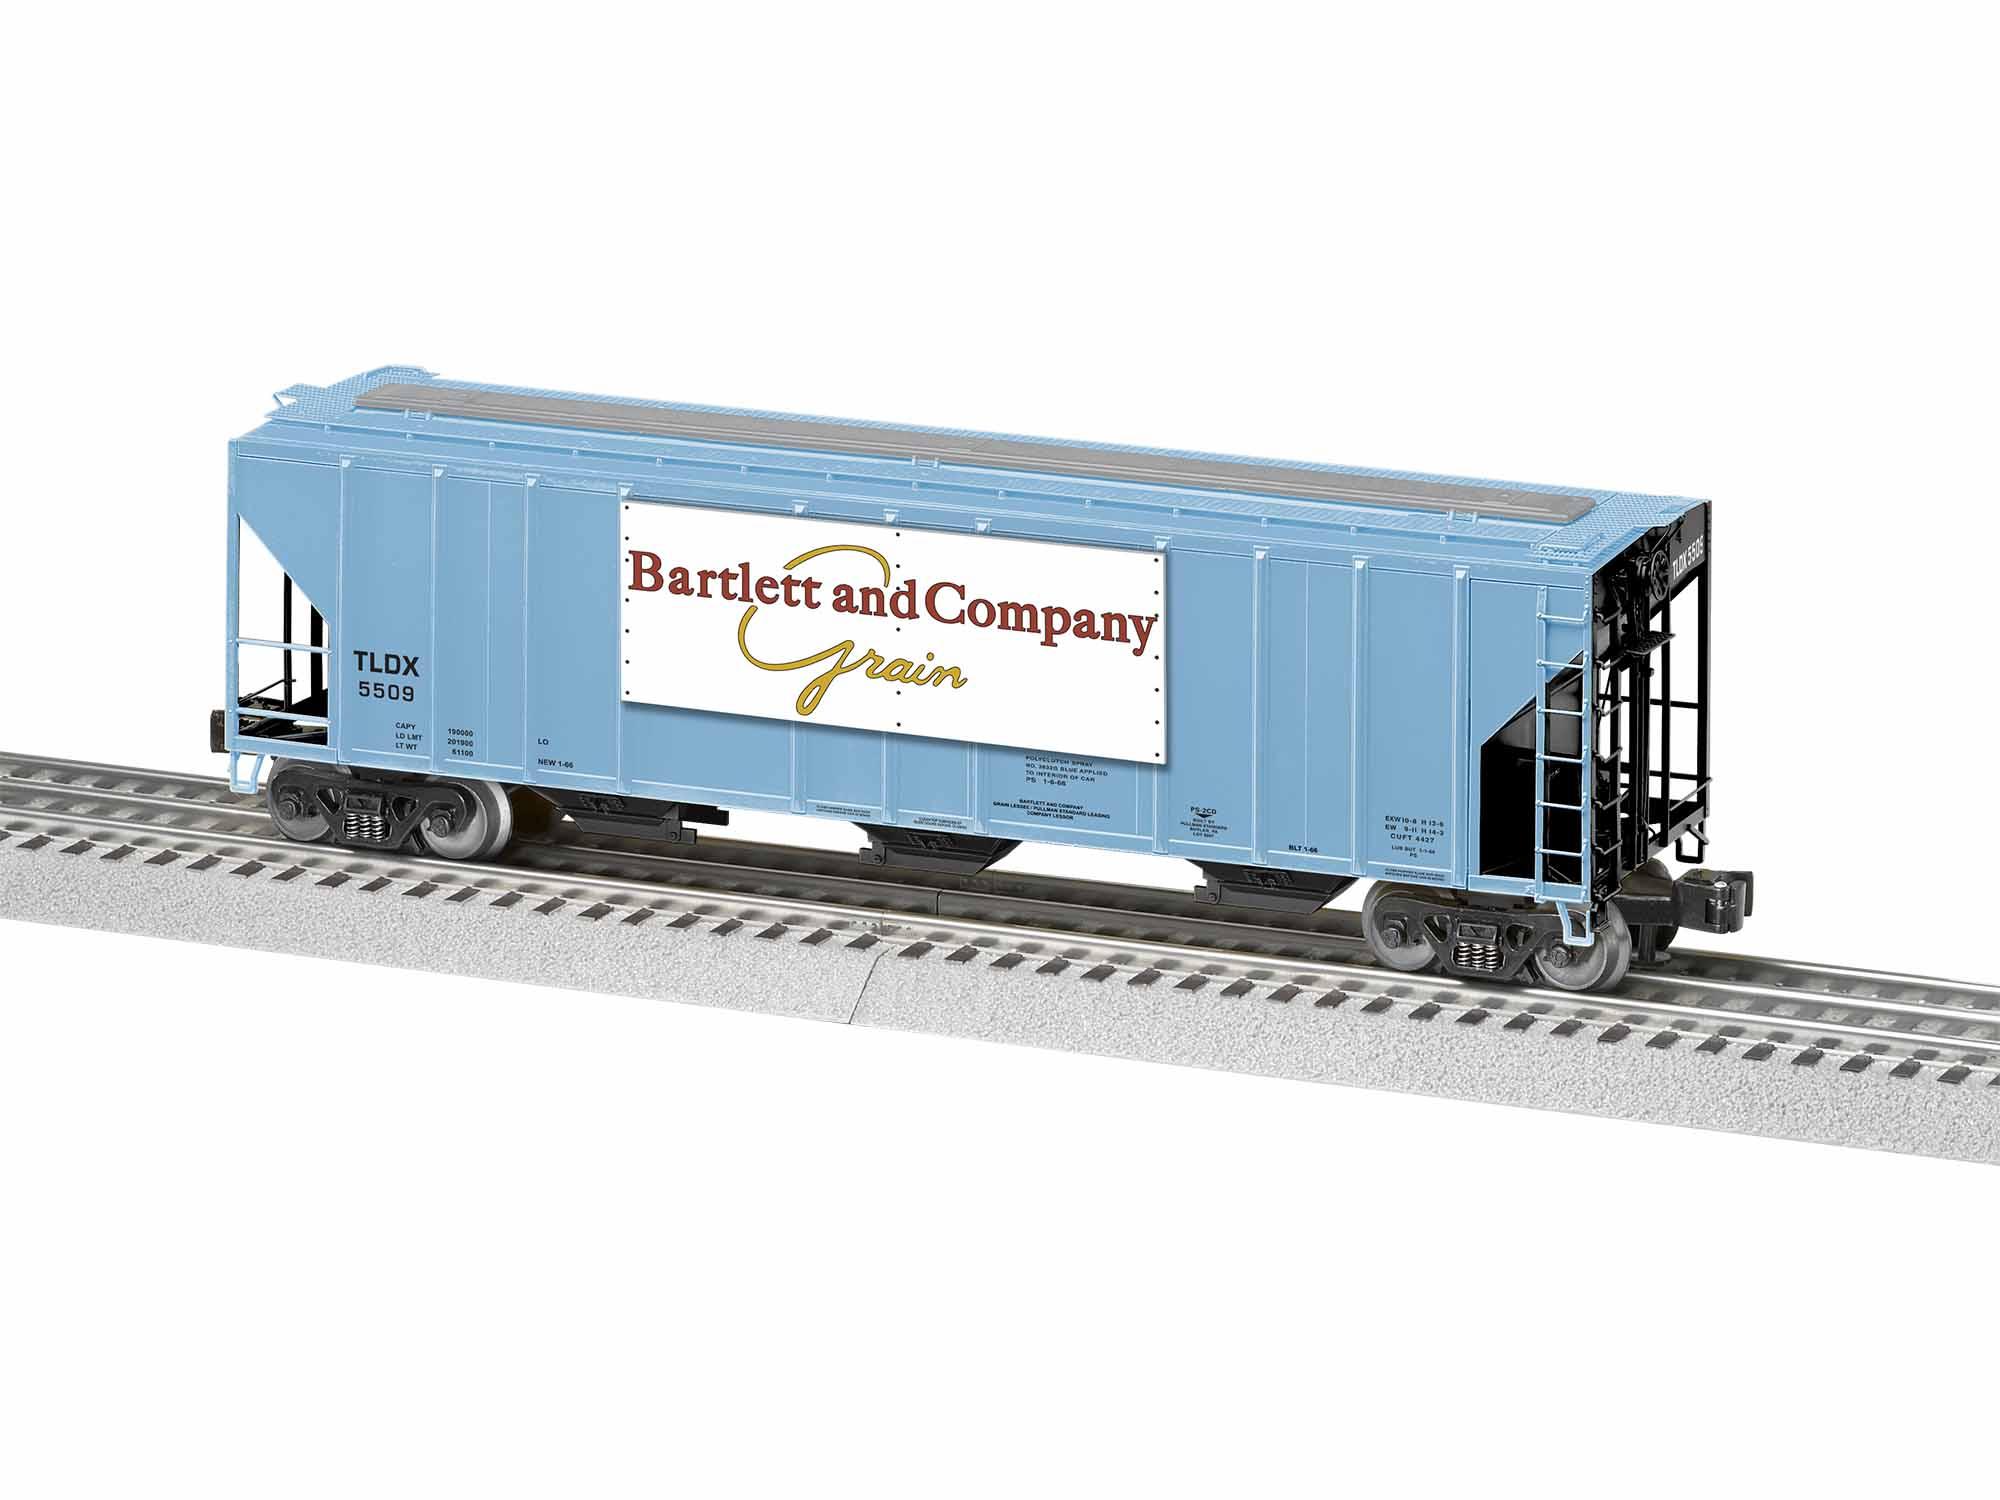 LNL1926501 Lionel O PS-2CD 4427 Covered Hopper, Bartlett Grain #5509